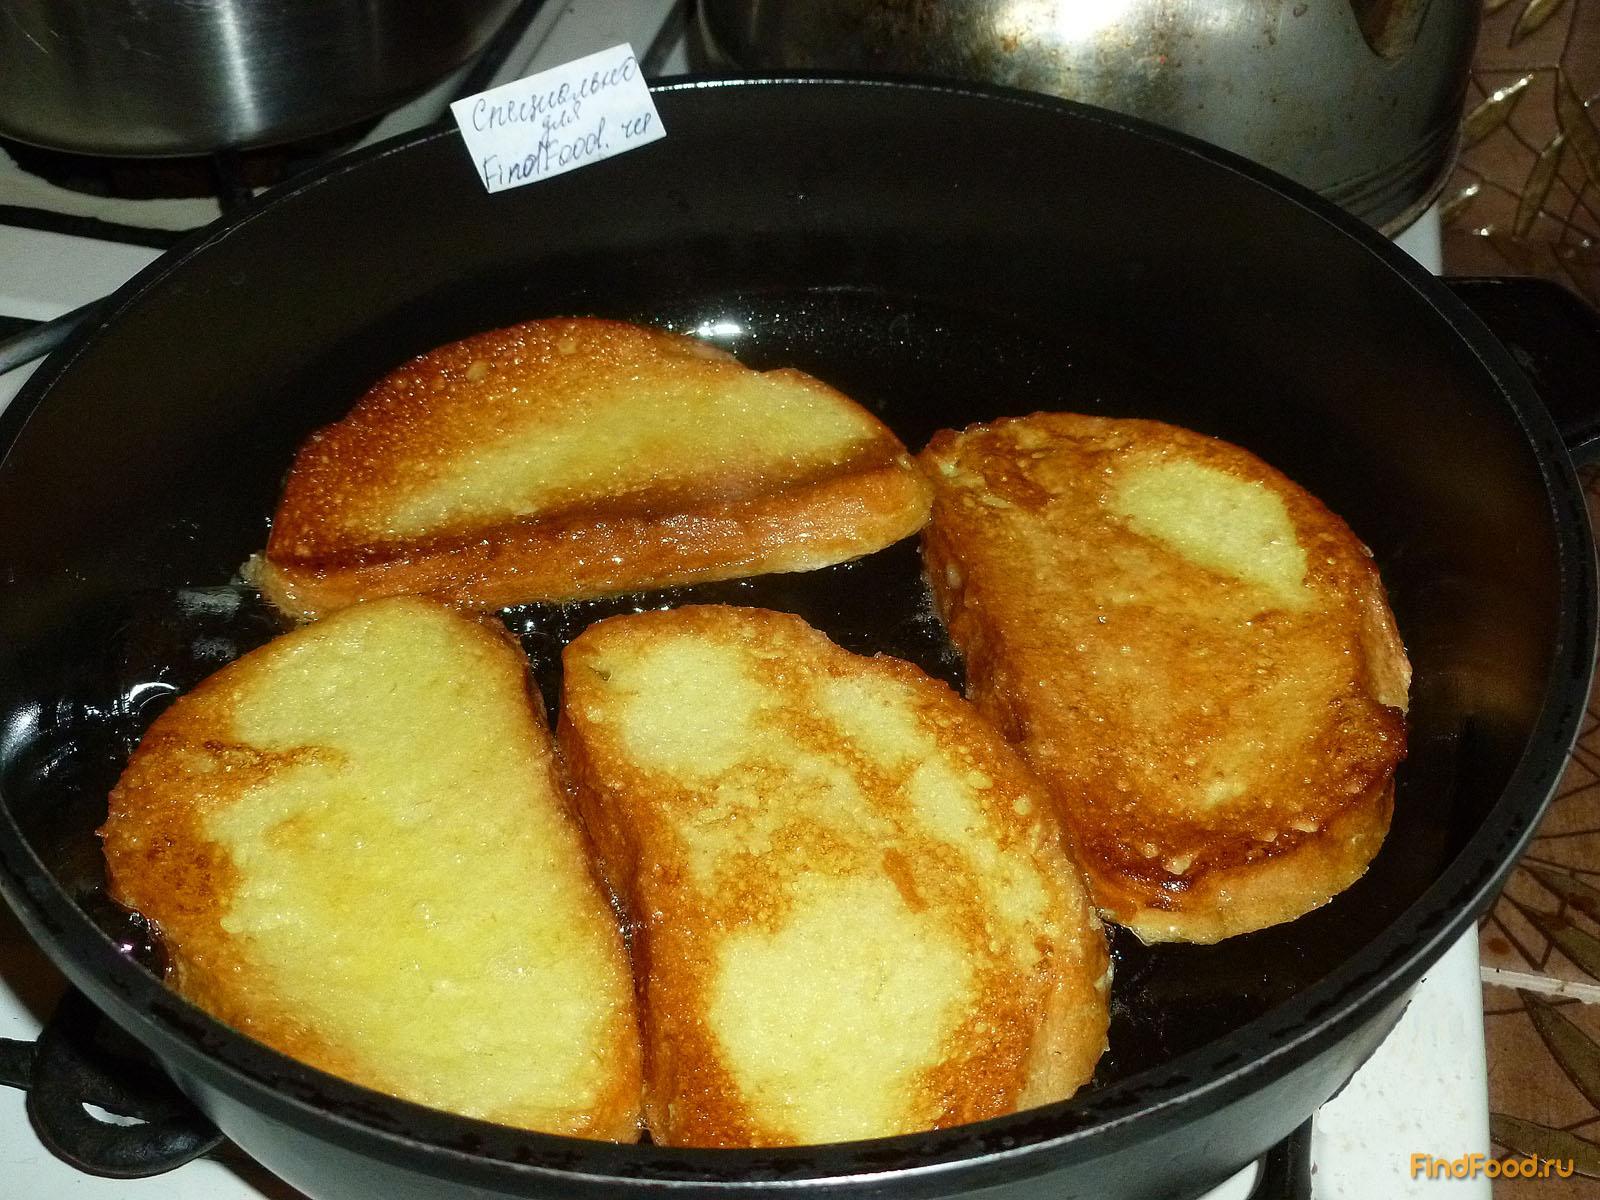 Сладкие гренки с яйцом и молоком рецепт с фото 5-го шага